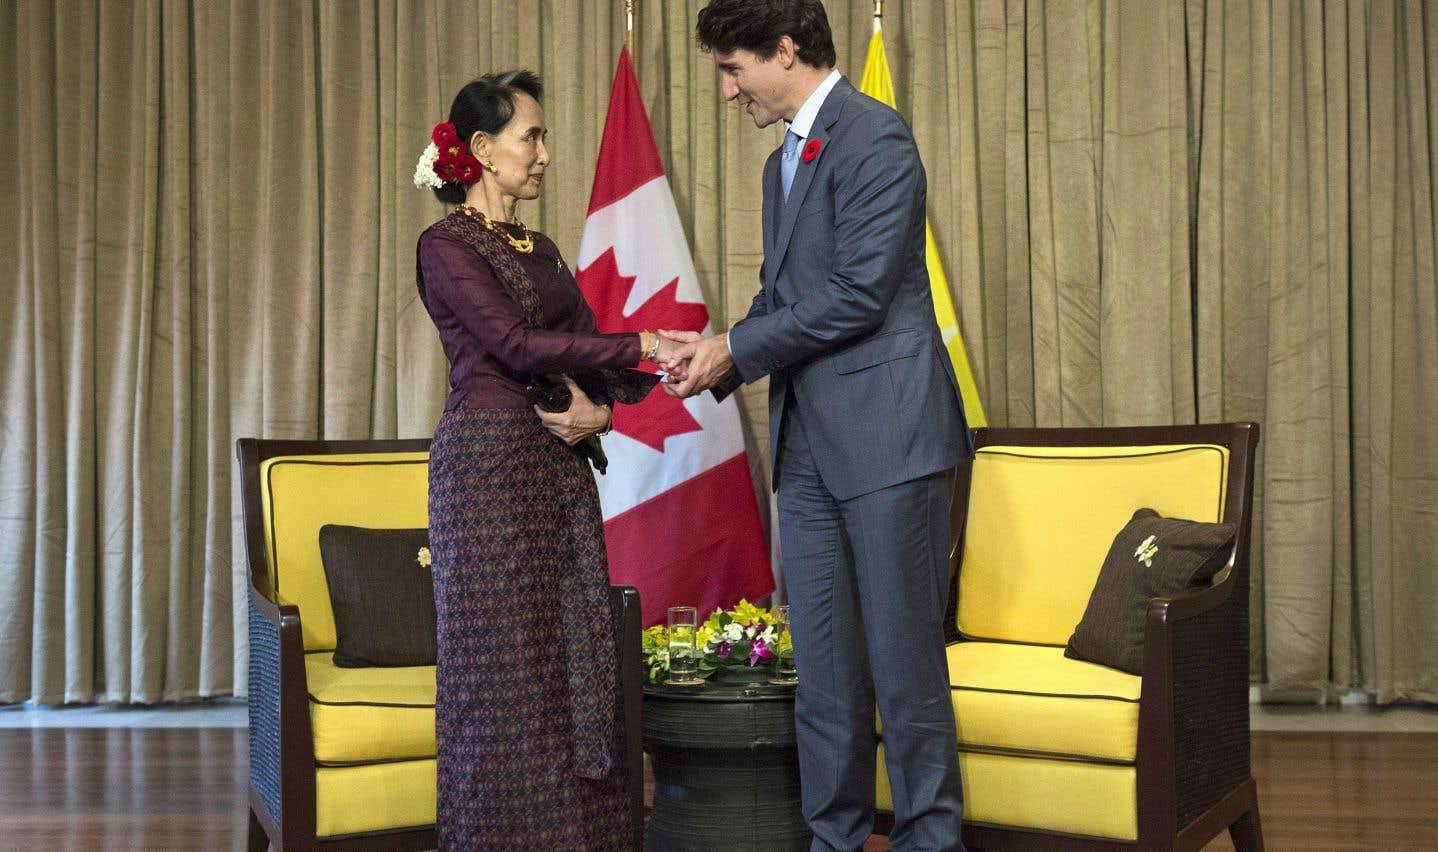 Justin Trudeau a rencontré vendredi la dirigeante de facto du gouvernement civil au Myanmar, Aung San Suu Kyi, en marge du forum de l'APEC, au Vietnam.